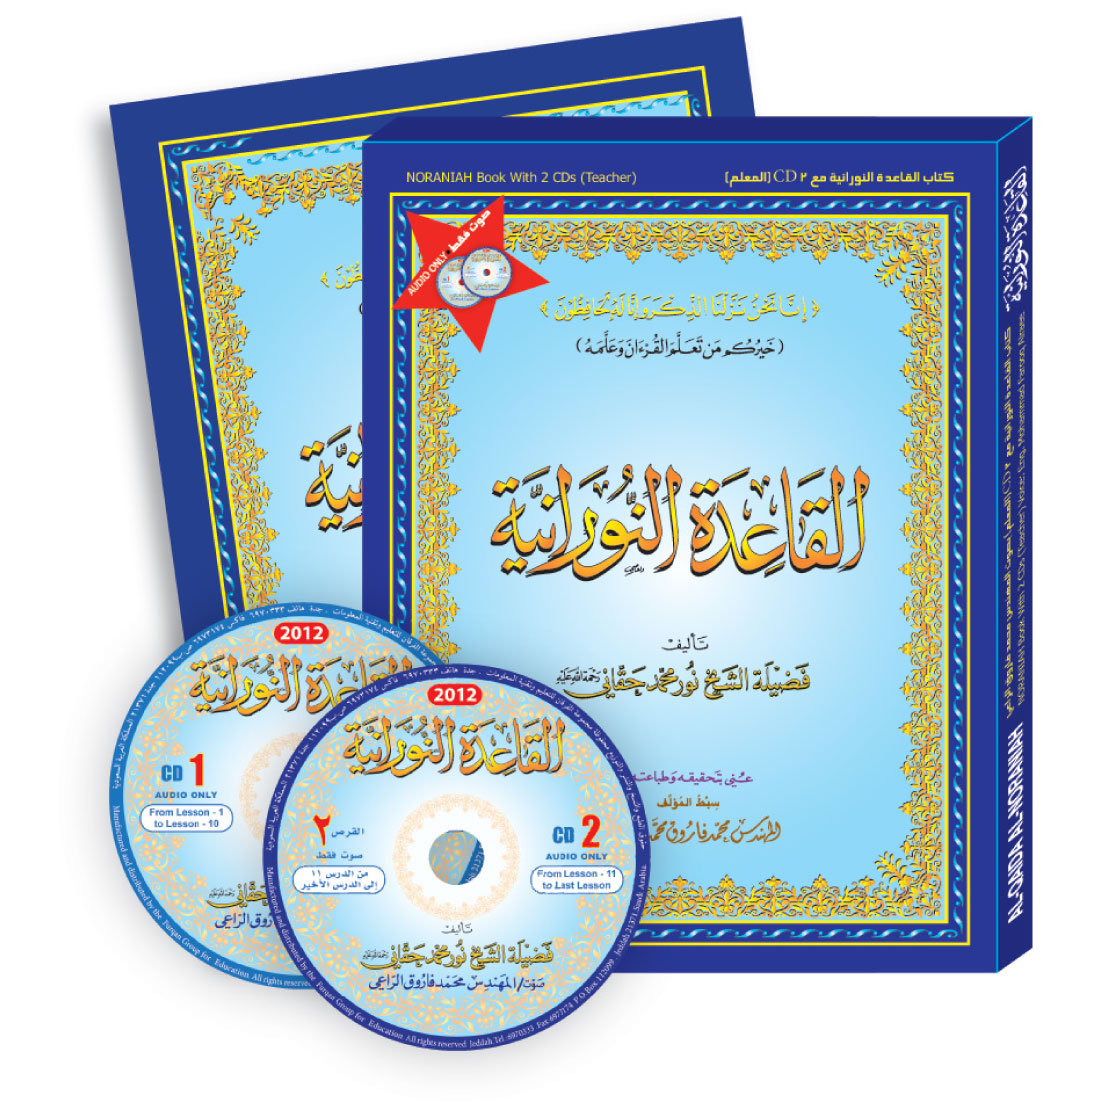 Qaidah Nuraniah CD